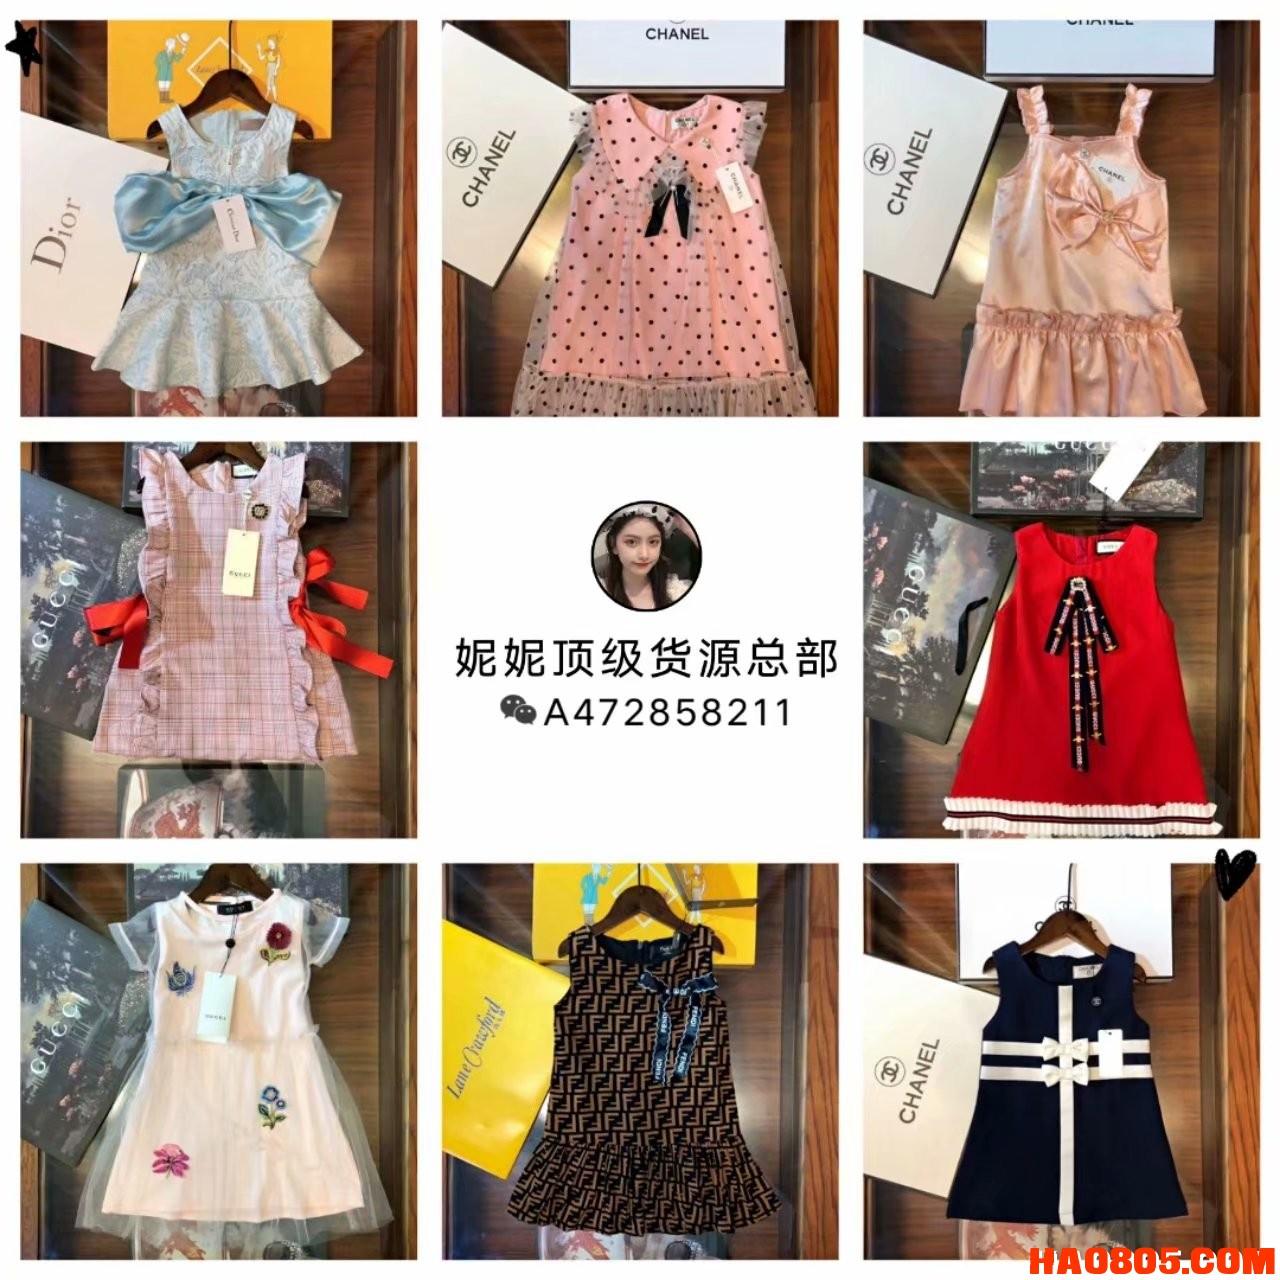 宝妈上班族看过来!最赚钱方式童装女装最全厂家货源 109063